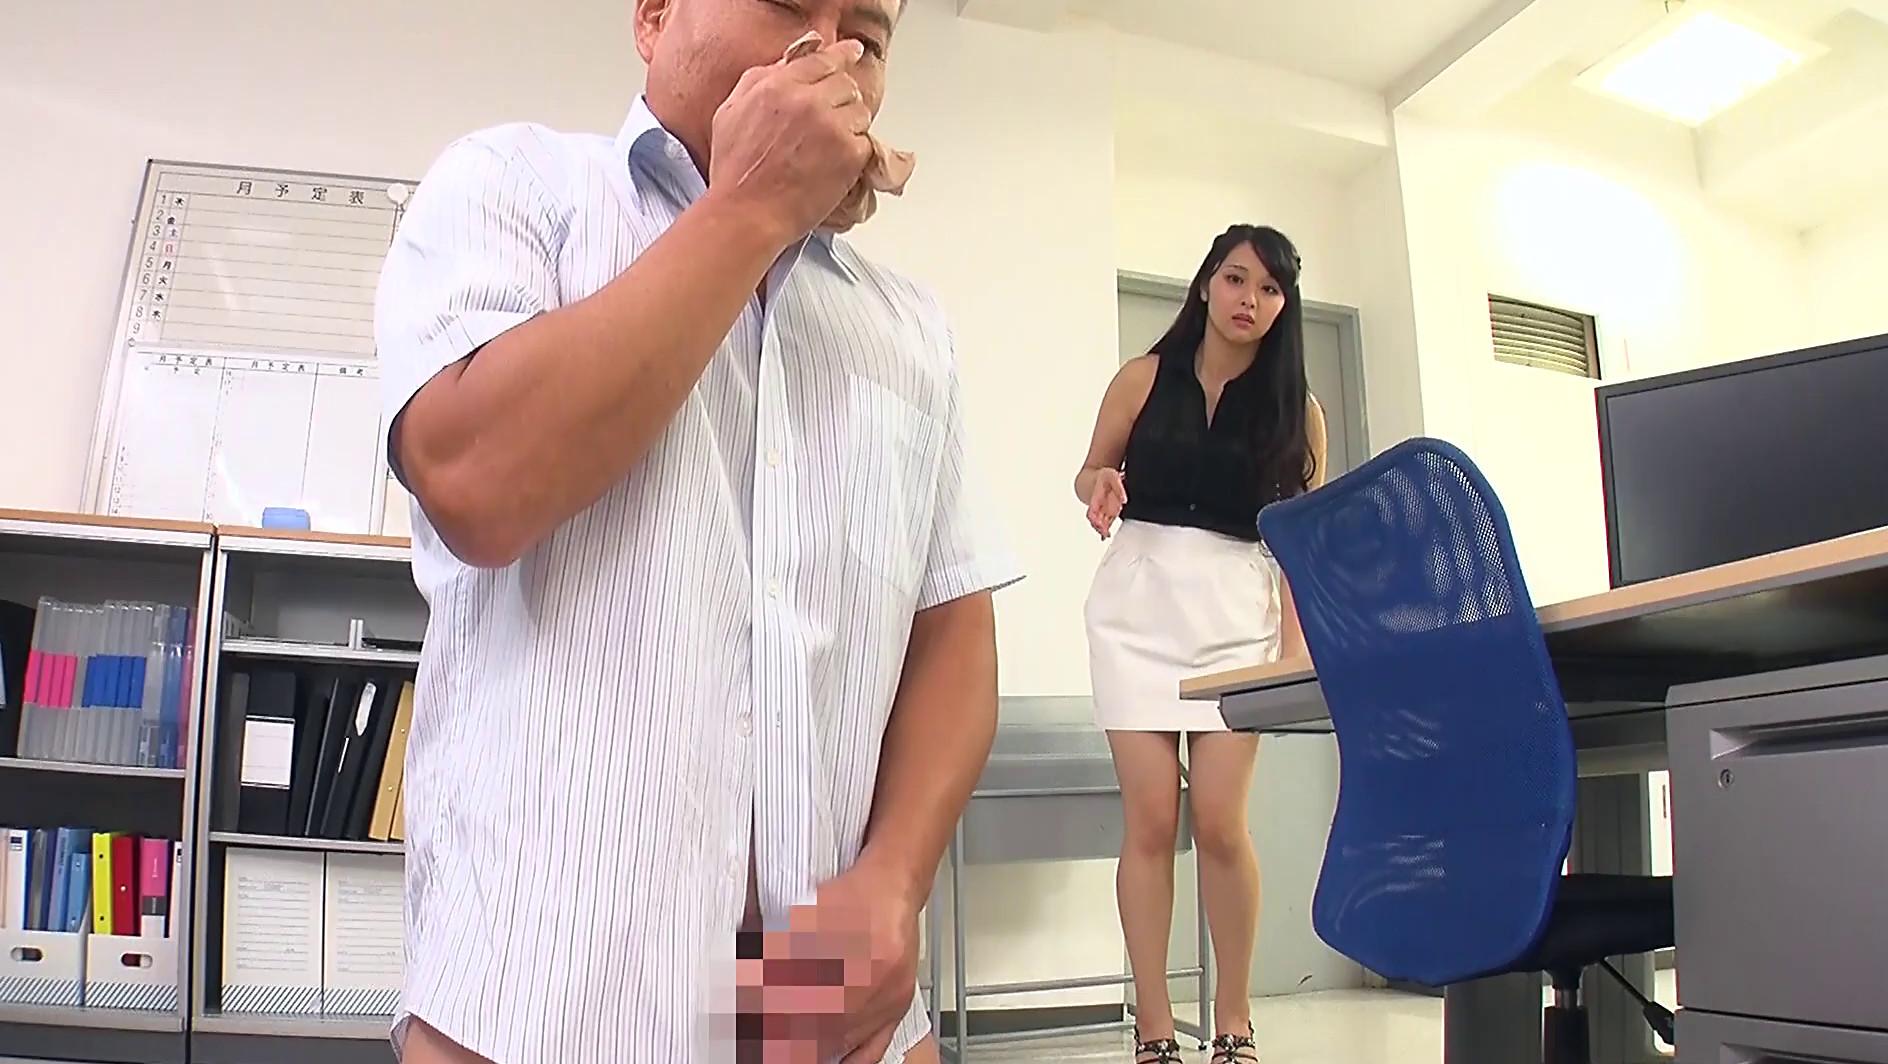 職場で足フェチがバレてしまい女性部下の脚奴隷として何度も射精させられる 画像13